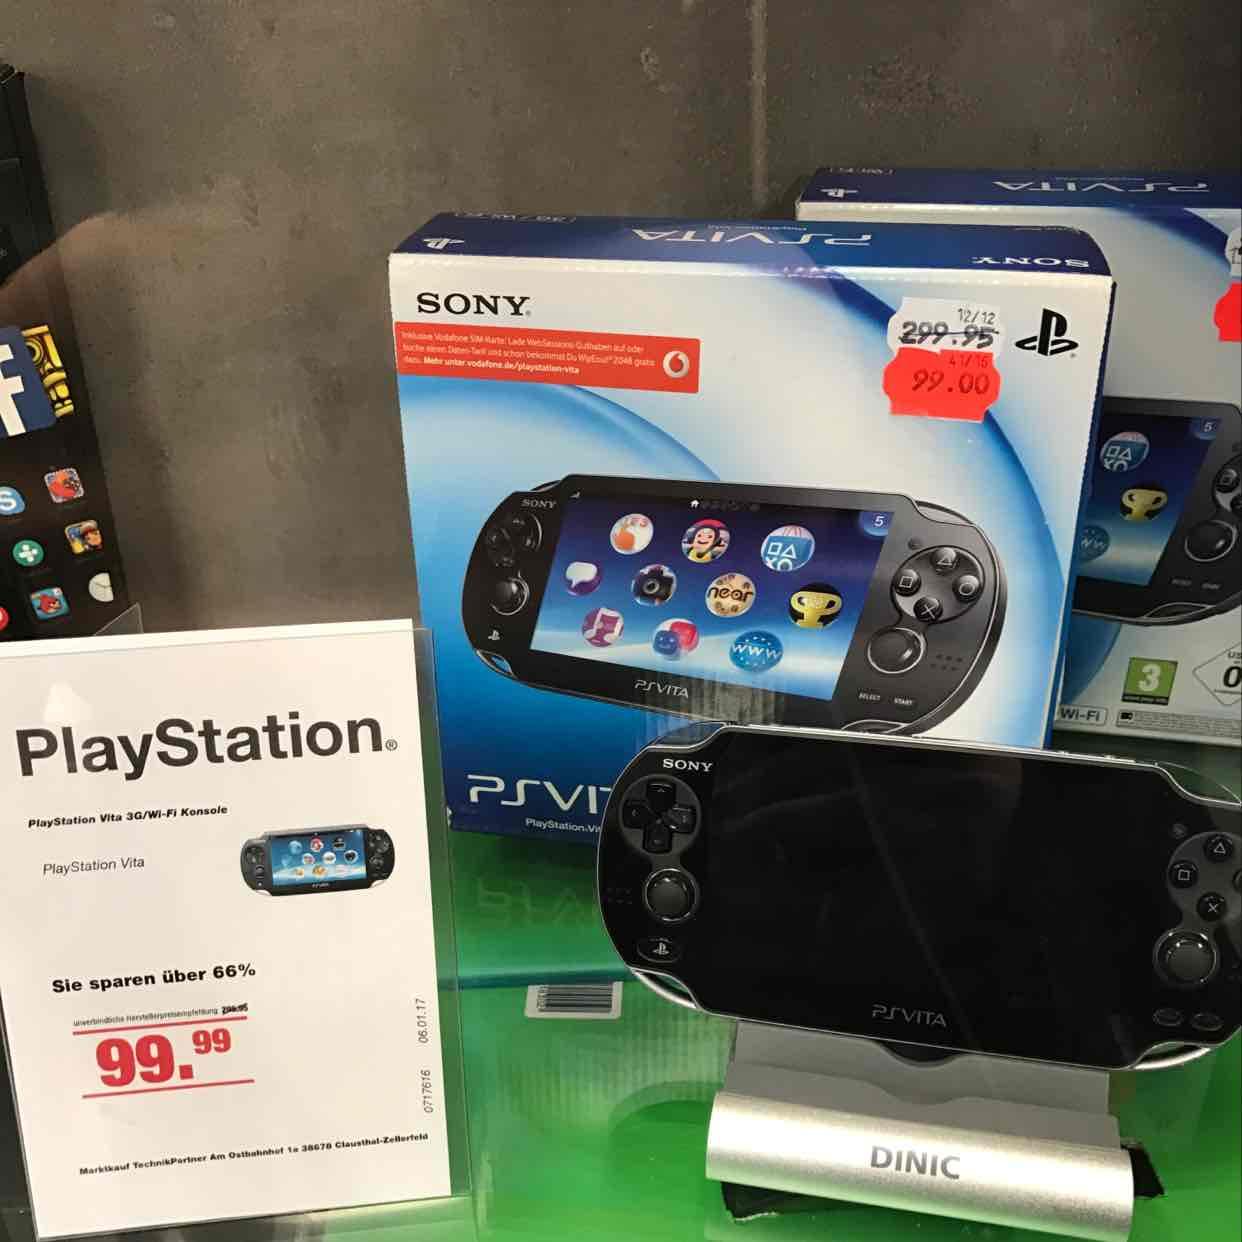 PS Vita 3G bei Marktkauf/EP evtl Lokal